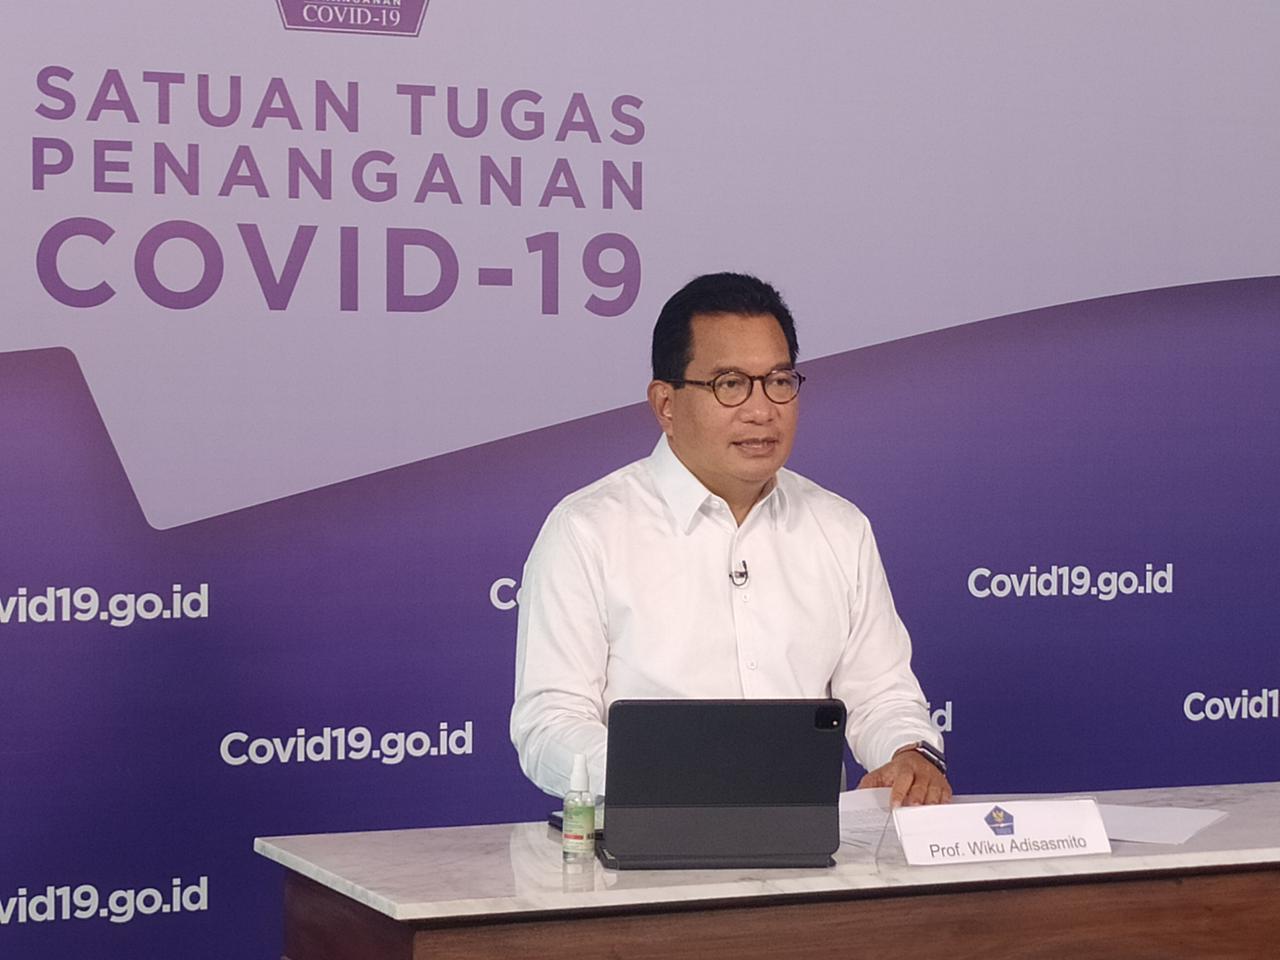 Pemerintah Pusat Siap Membantu Mengadakan Fasilitas Isolasi dan Karantina Mandiri